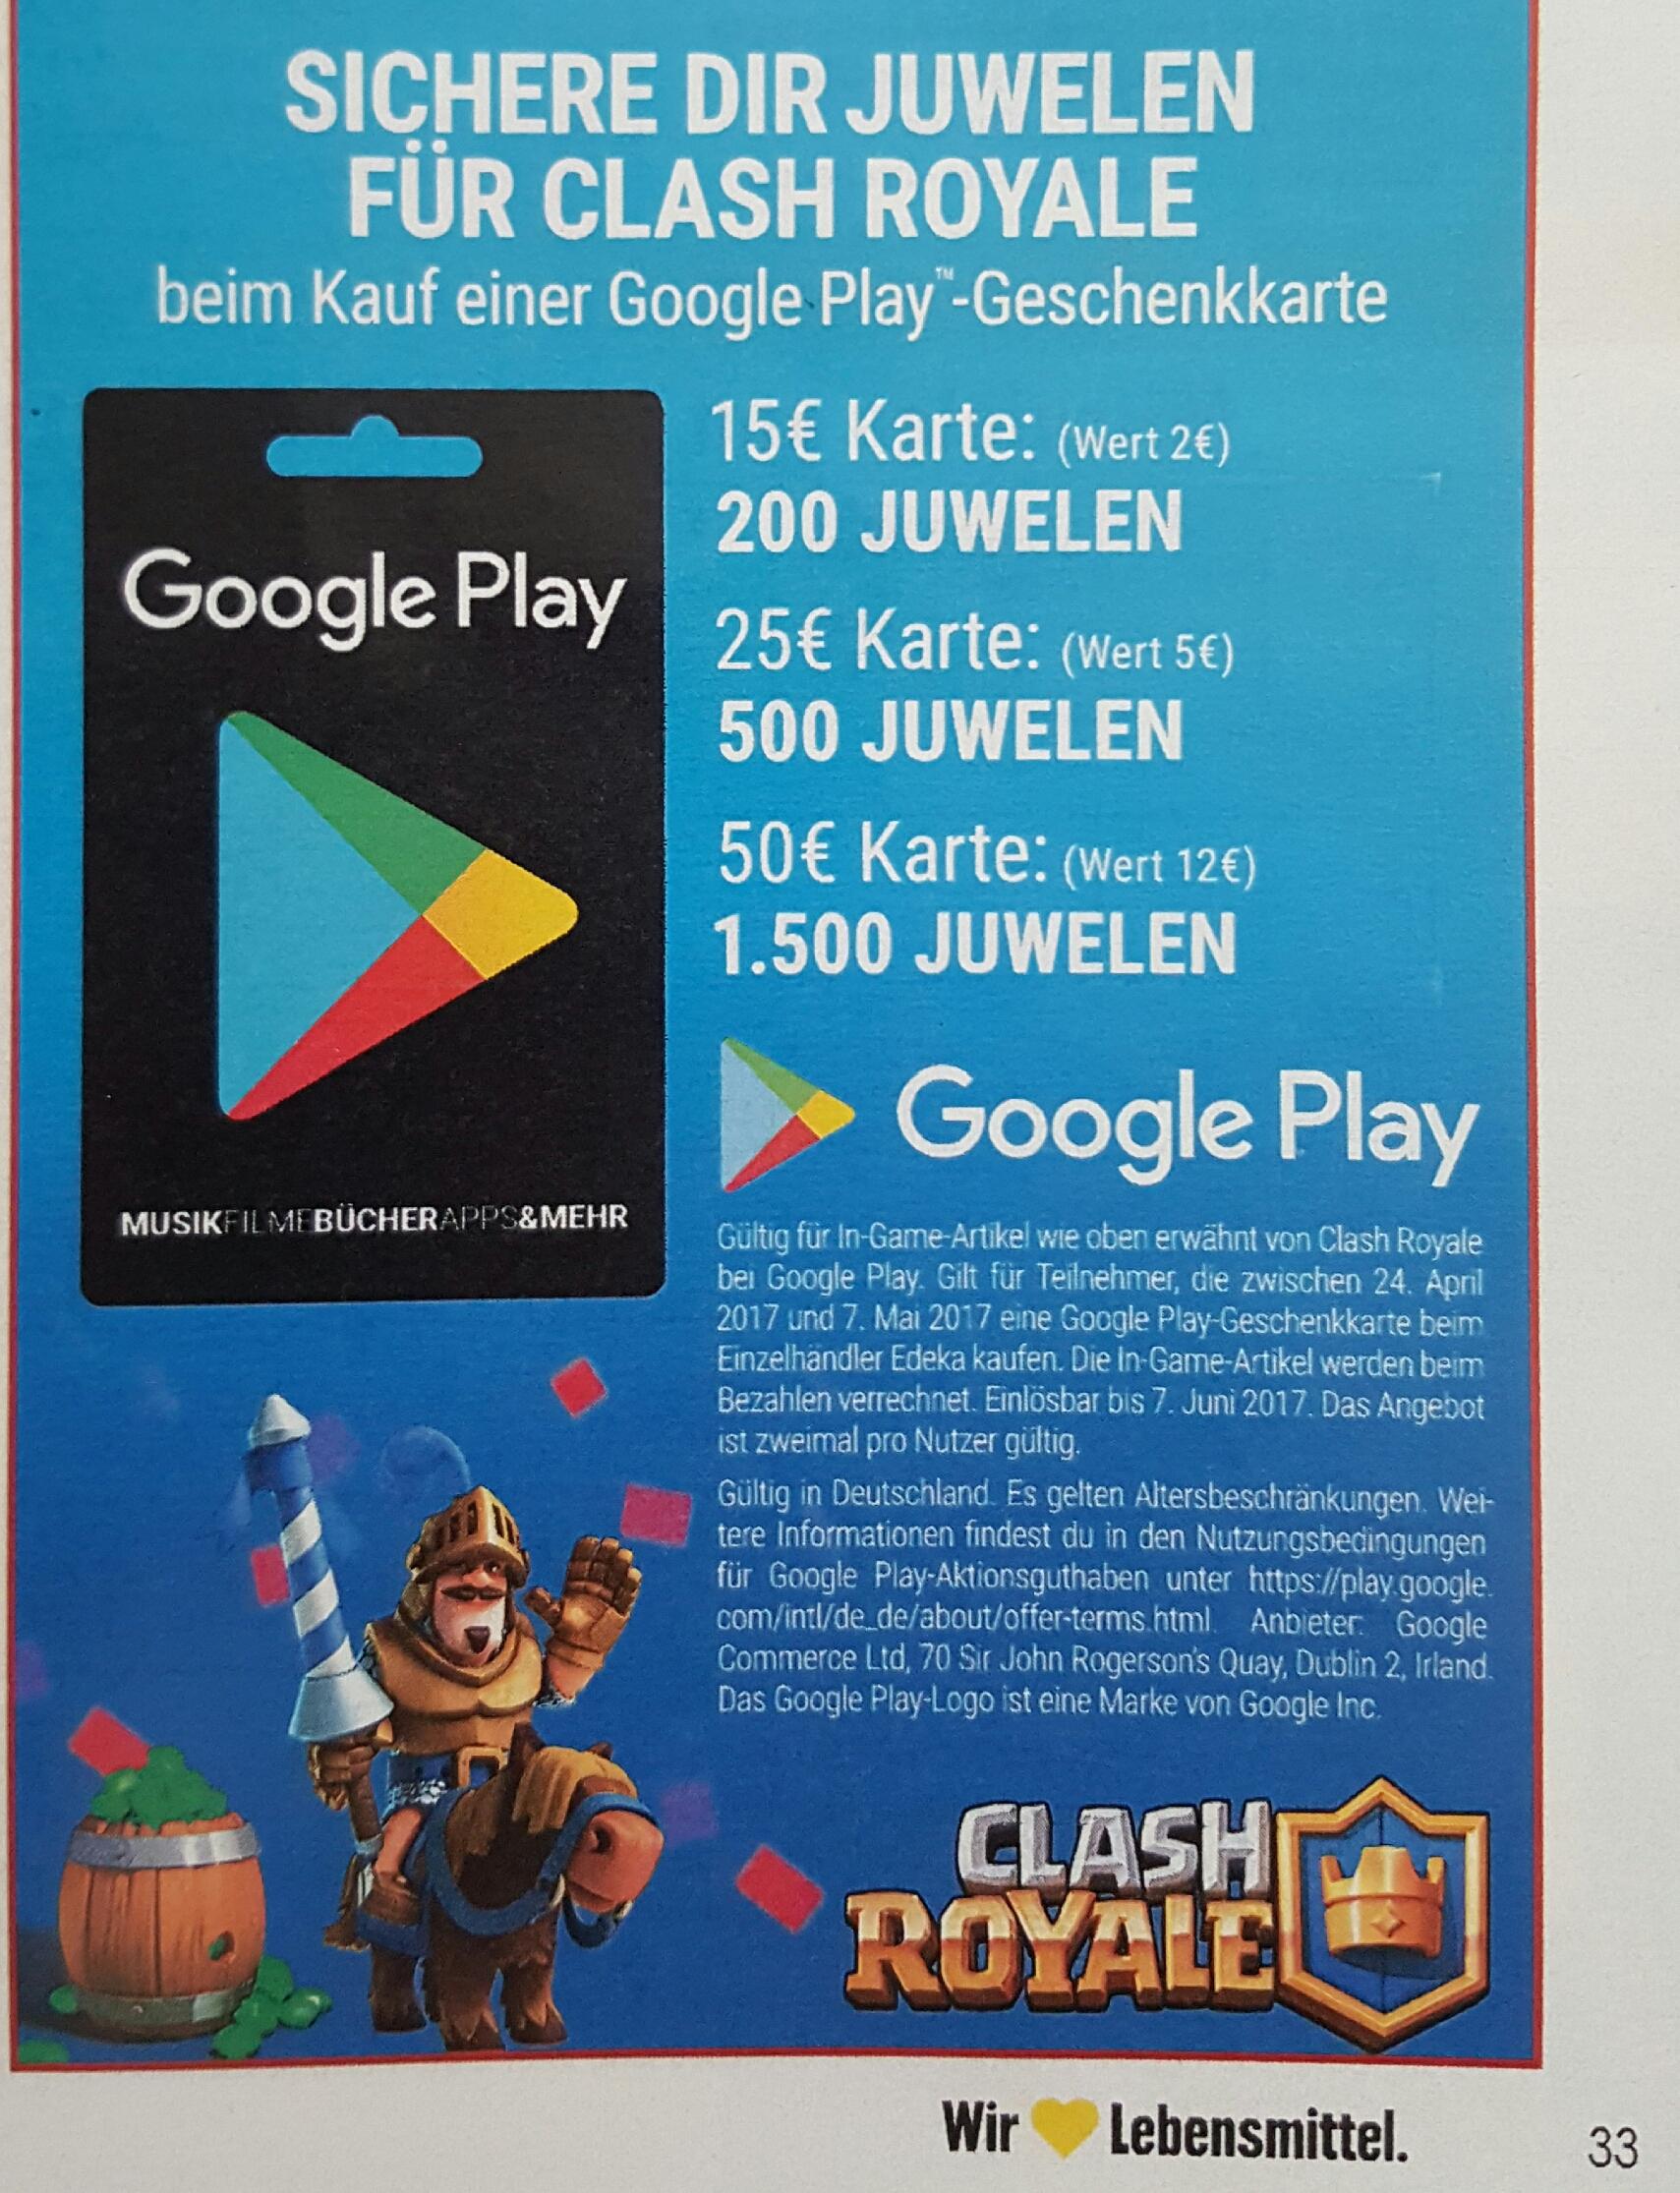 [Edeka] 1.500 ClashRoyale-Juwelen geschenkt beim Kauf von 50€ Google Play-Guthaben